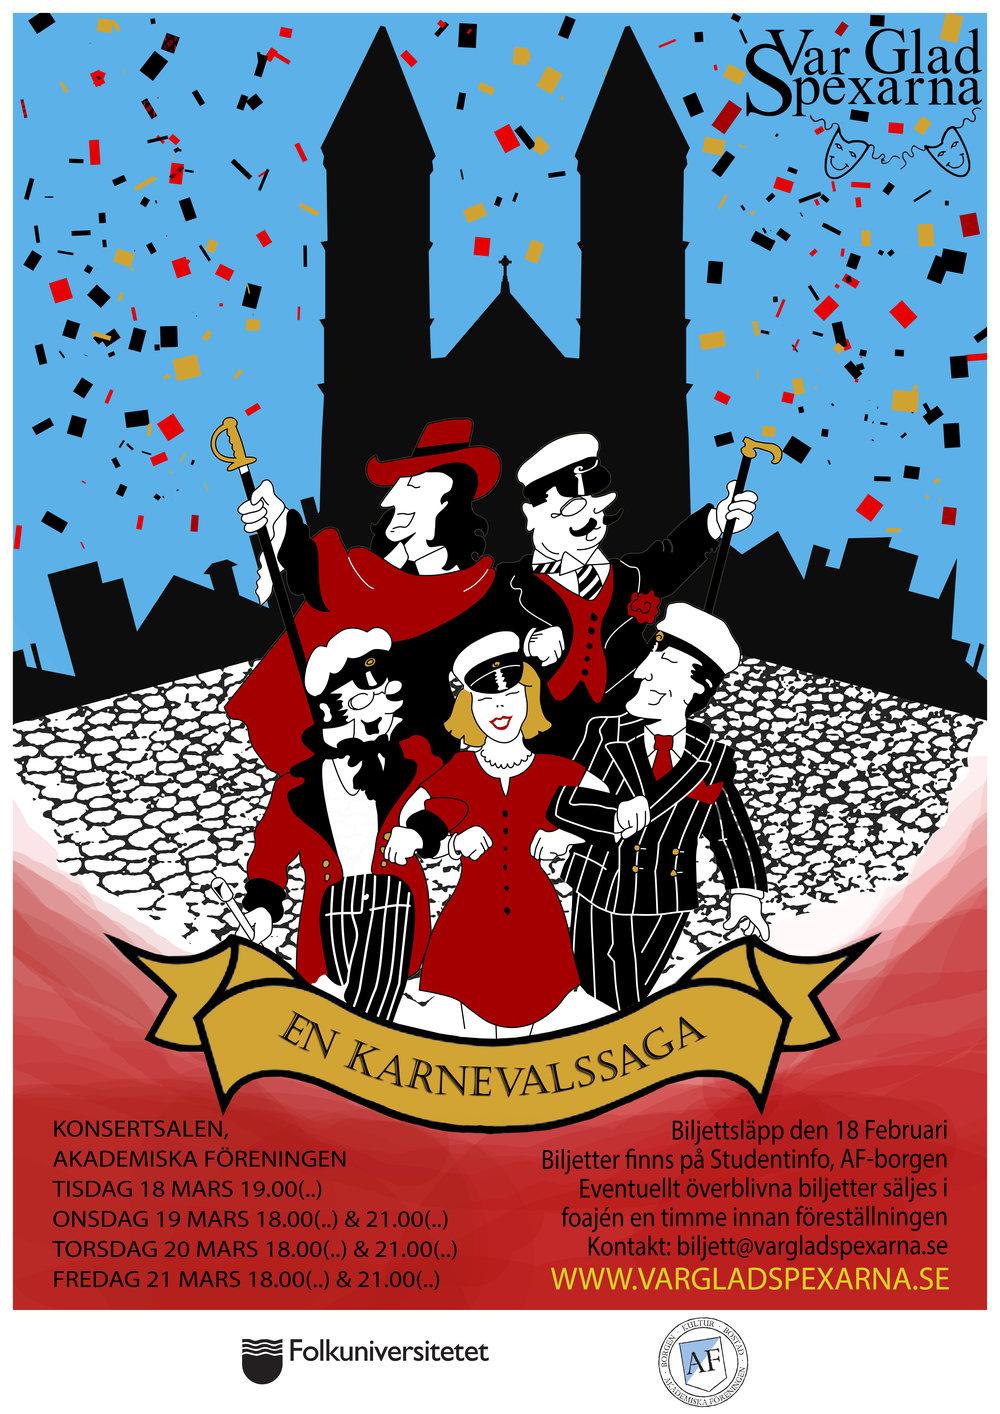 En Karnevalsaga Färdig Affisch.jpg